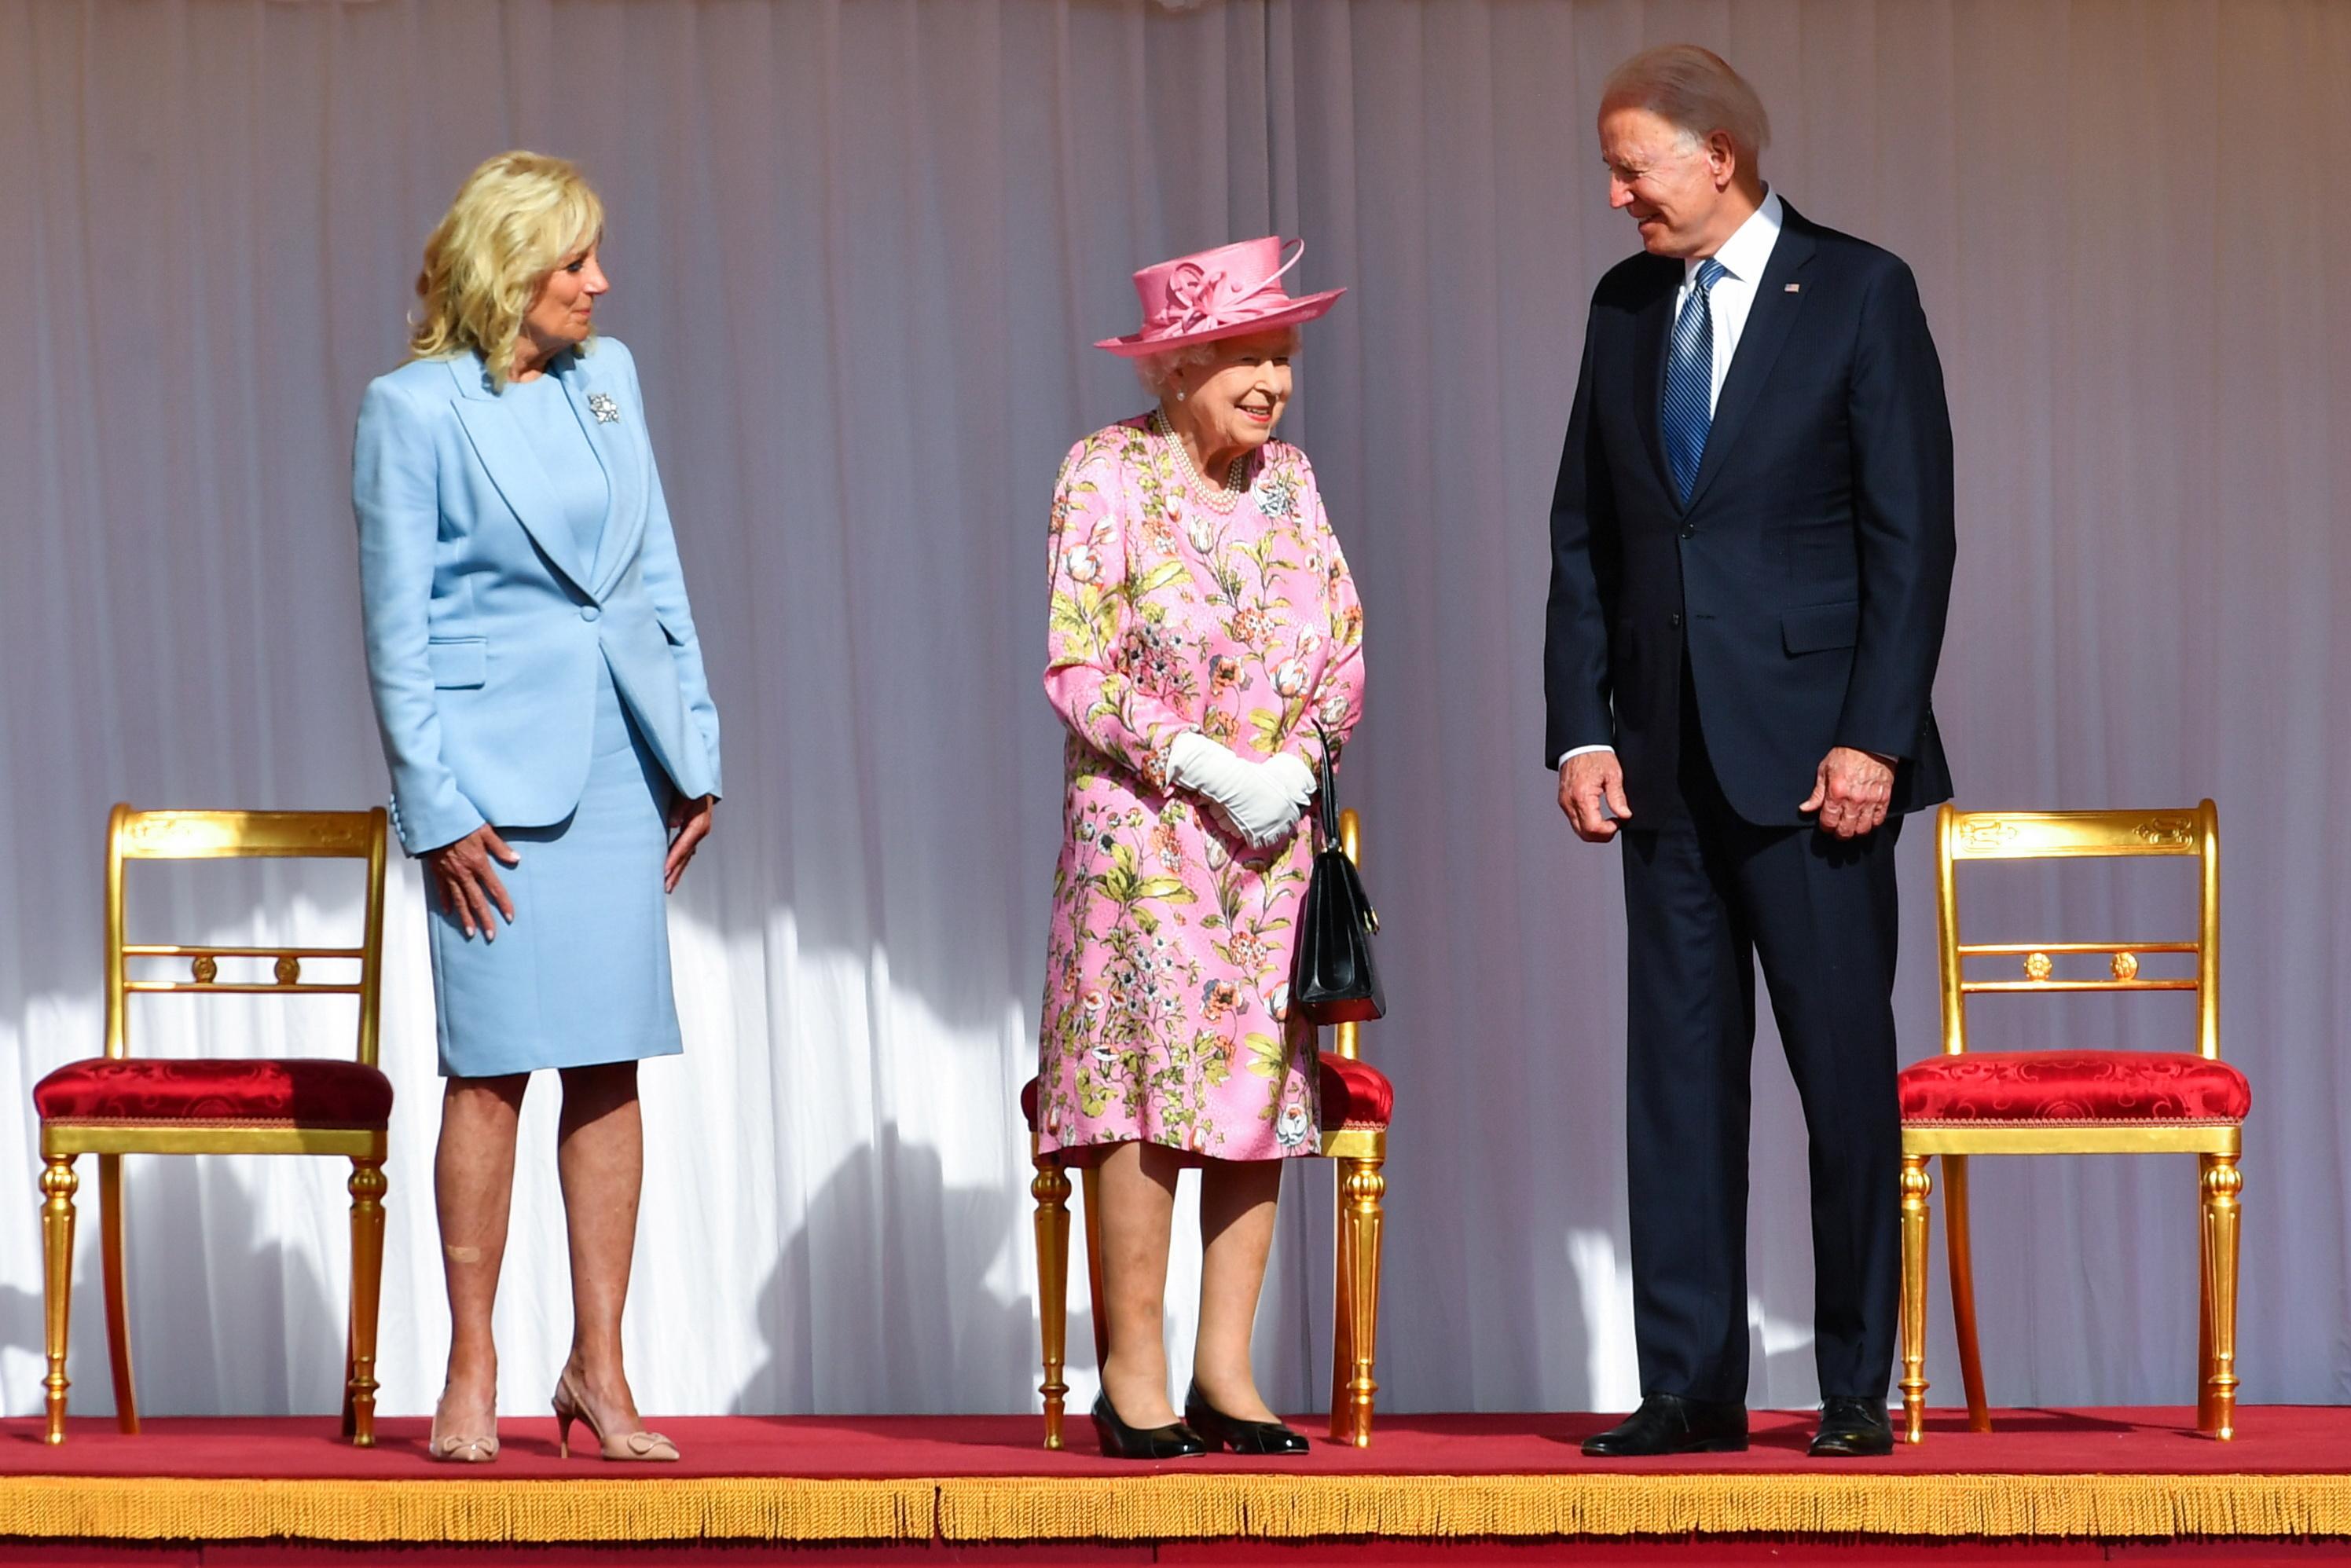 Los Biden con la reina hoy en Windsor.